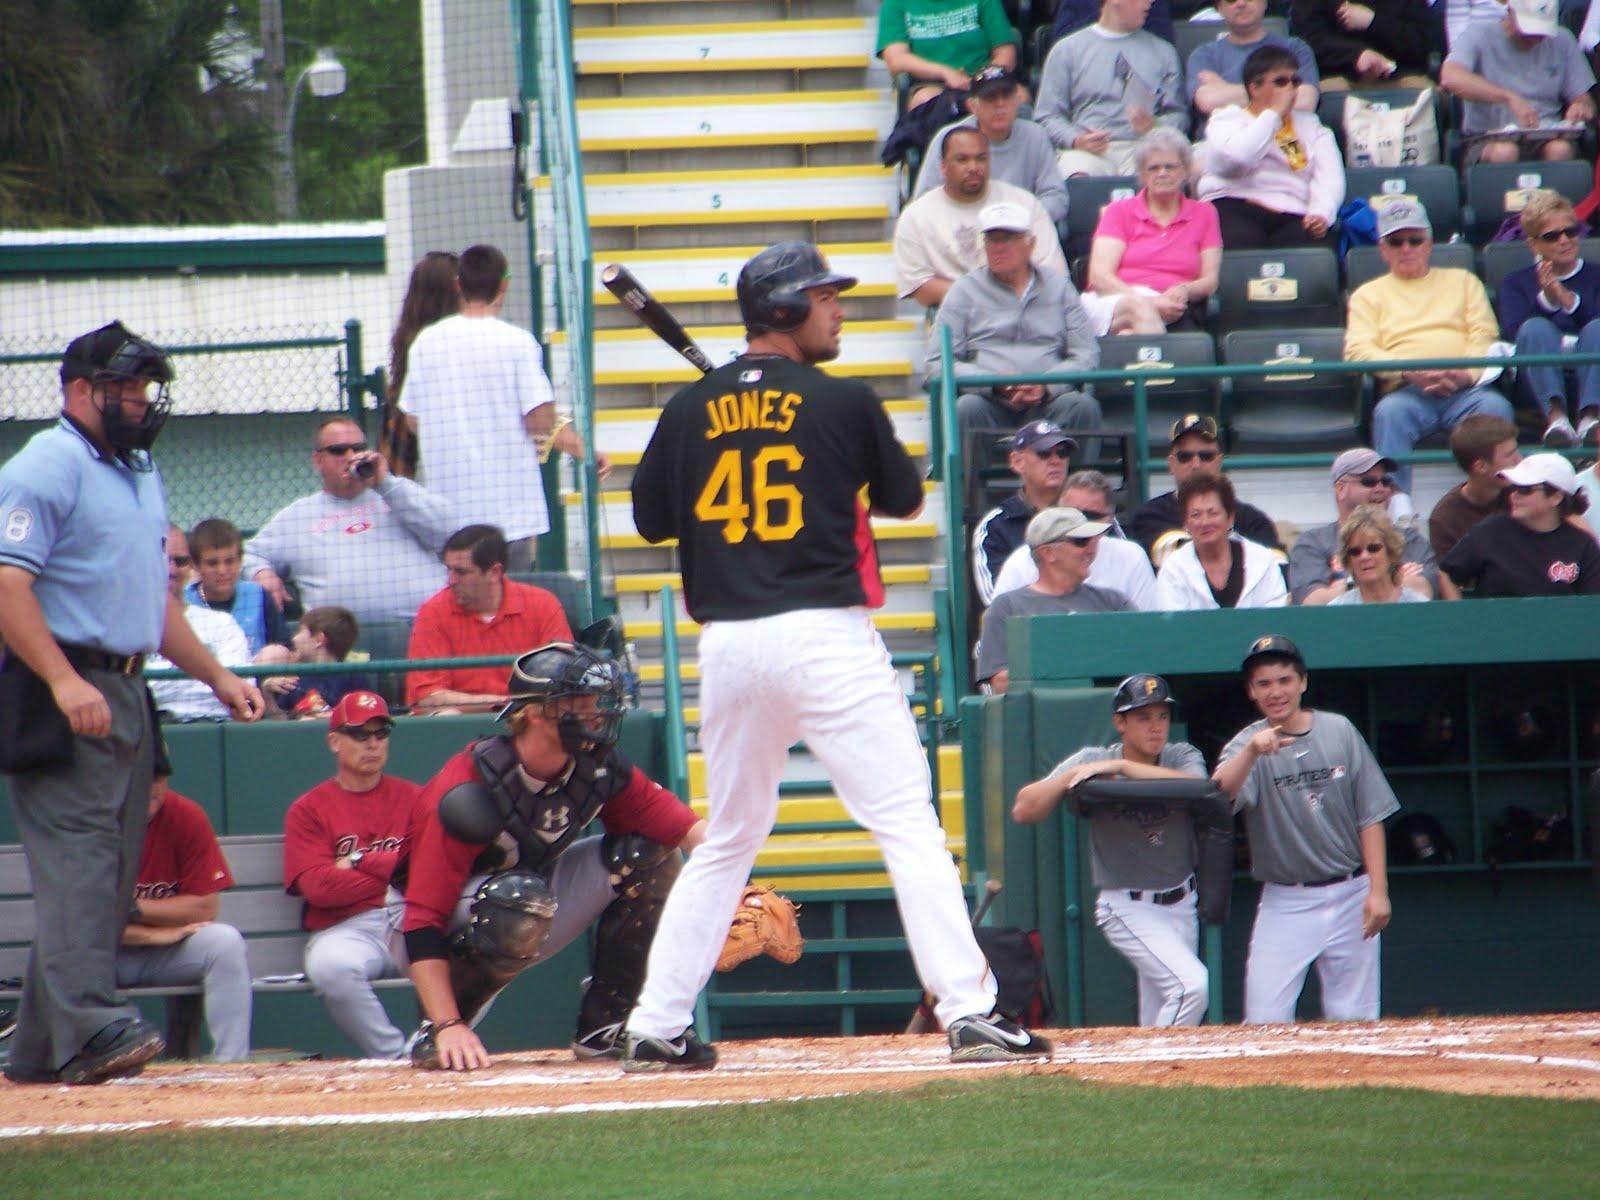 Garrett Jones, pre-home run